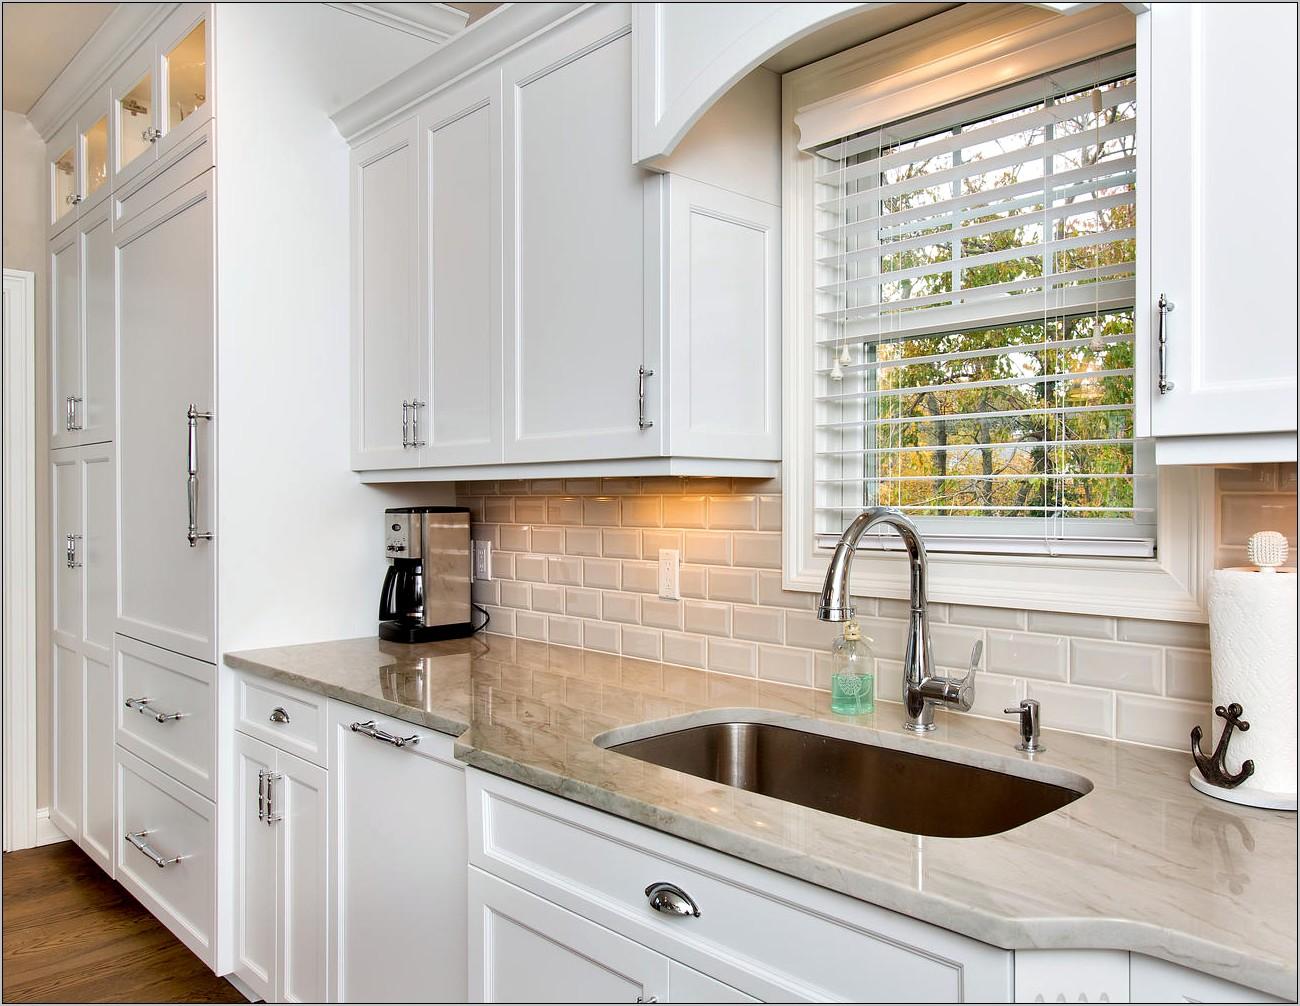 Decorative Arch Above Kitchen Sink